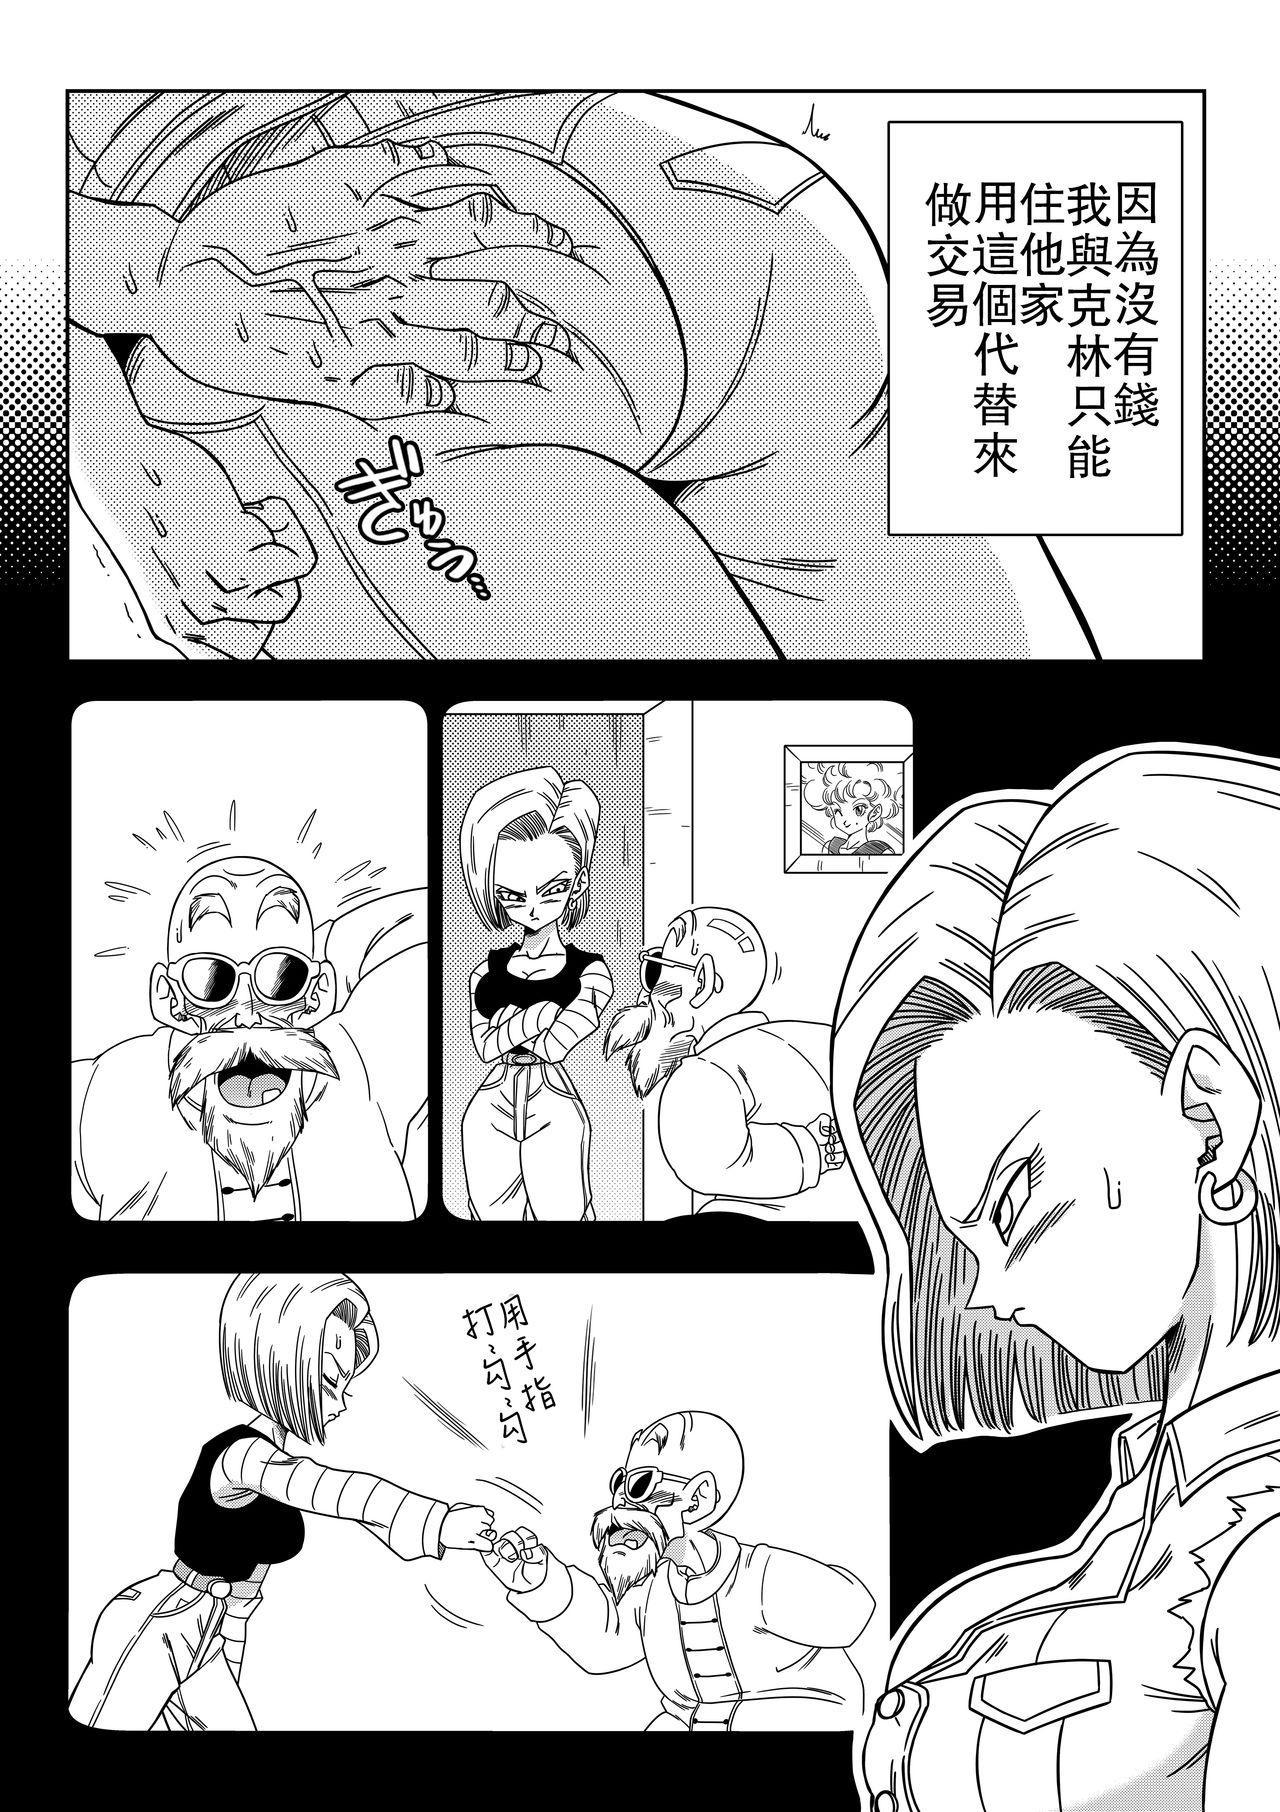 18-gou vs Kame Sennin 2